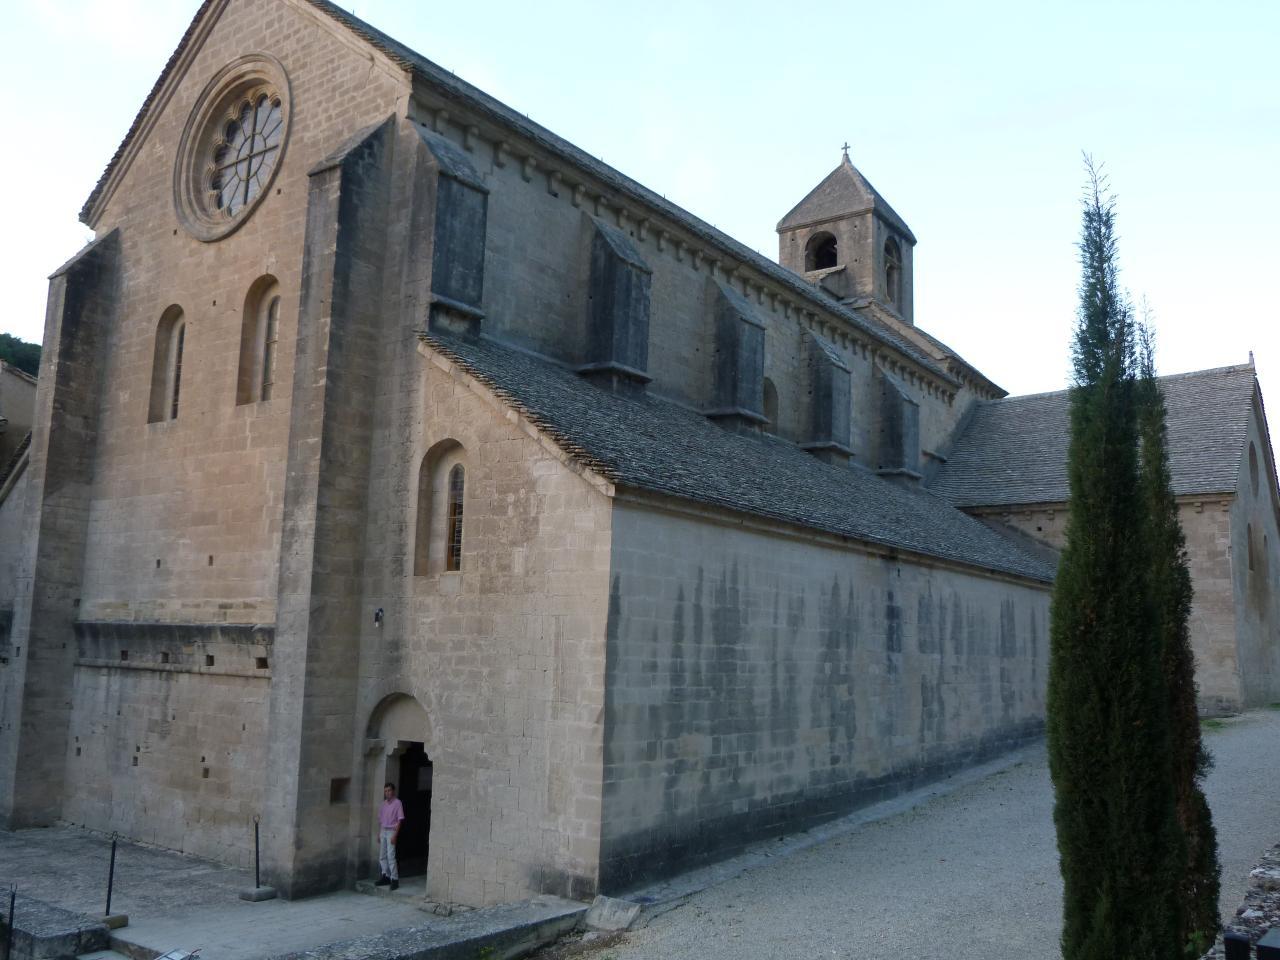 Vue extérieure de la nef et du porche de l'église abbatiale